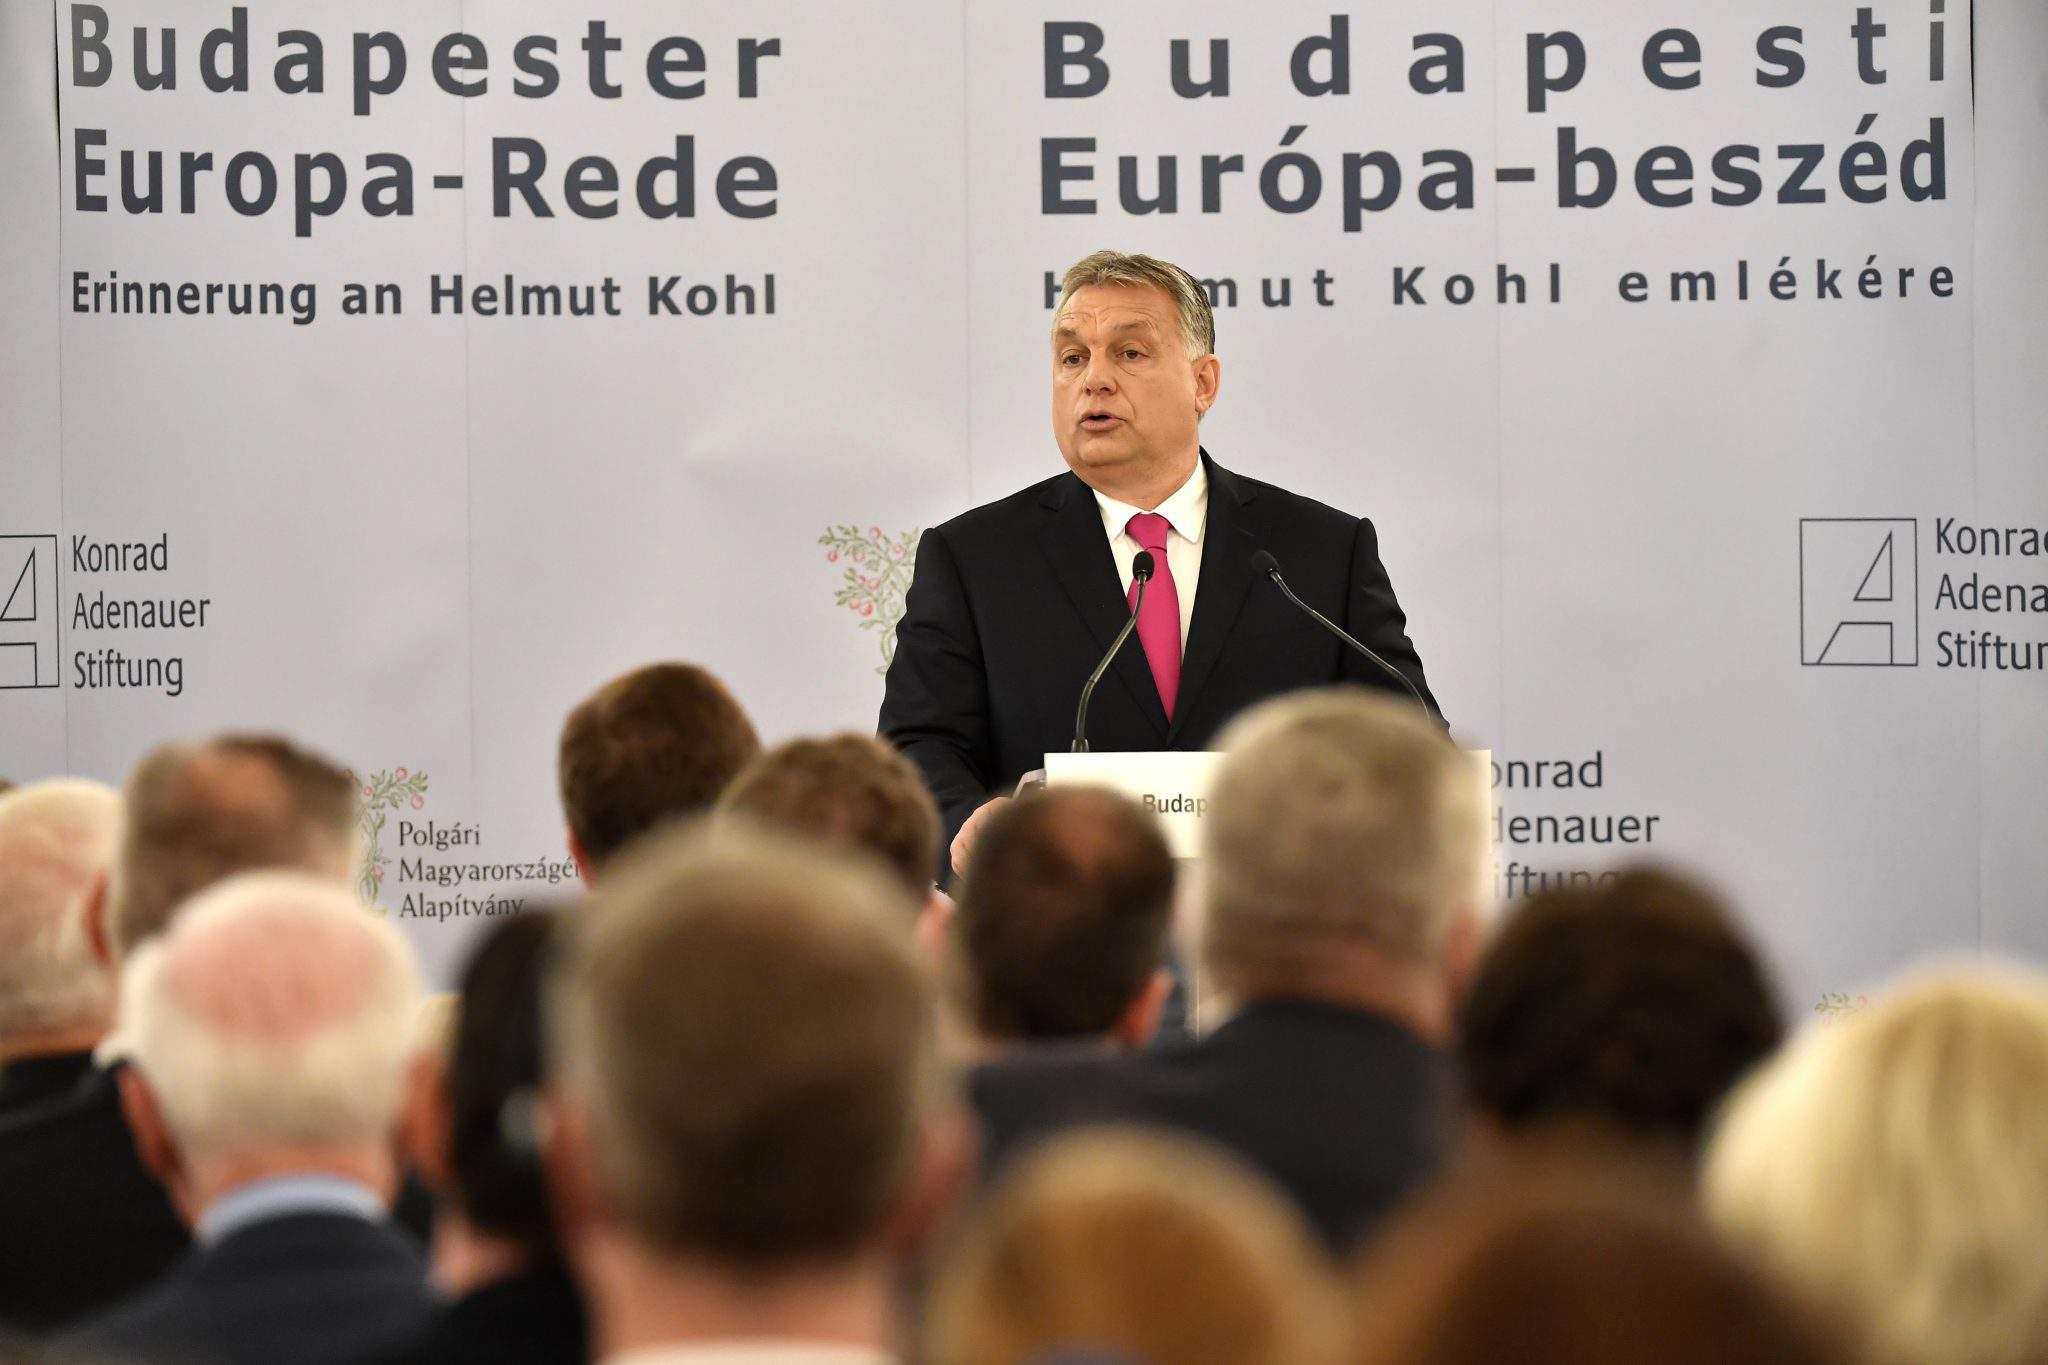 Orbán Helmut Kohl